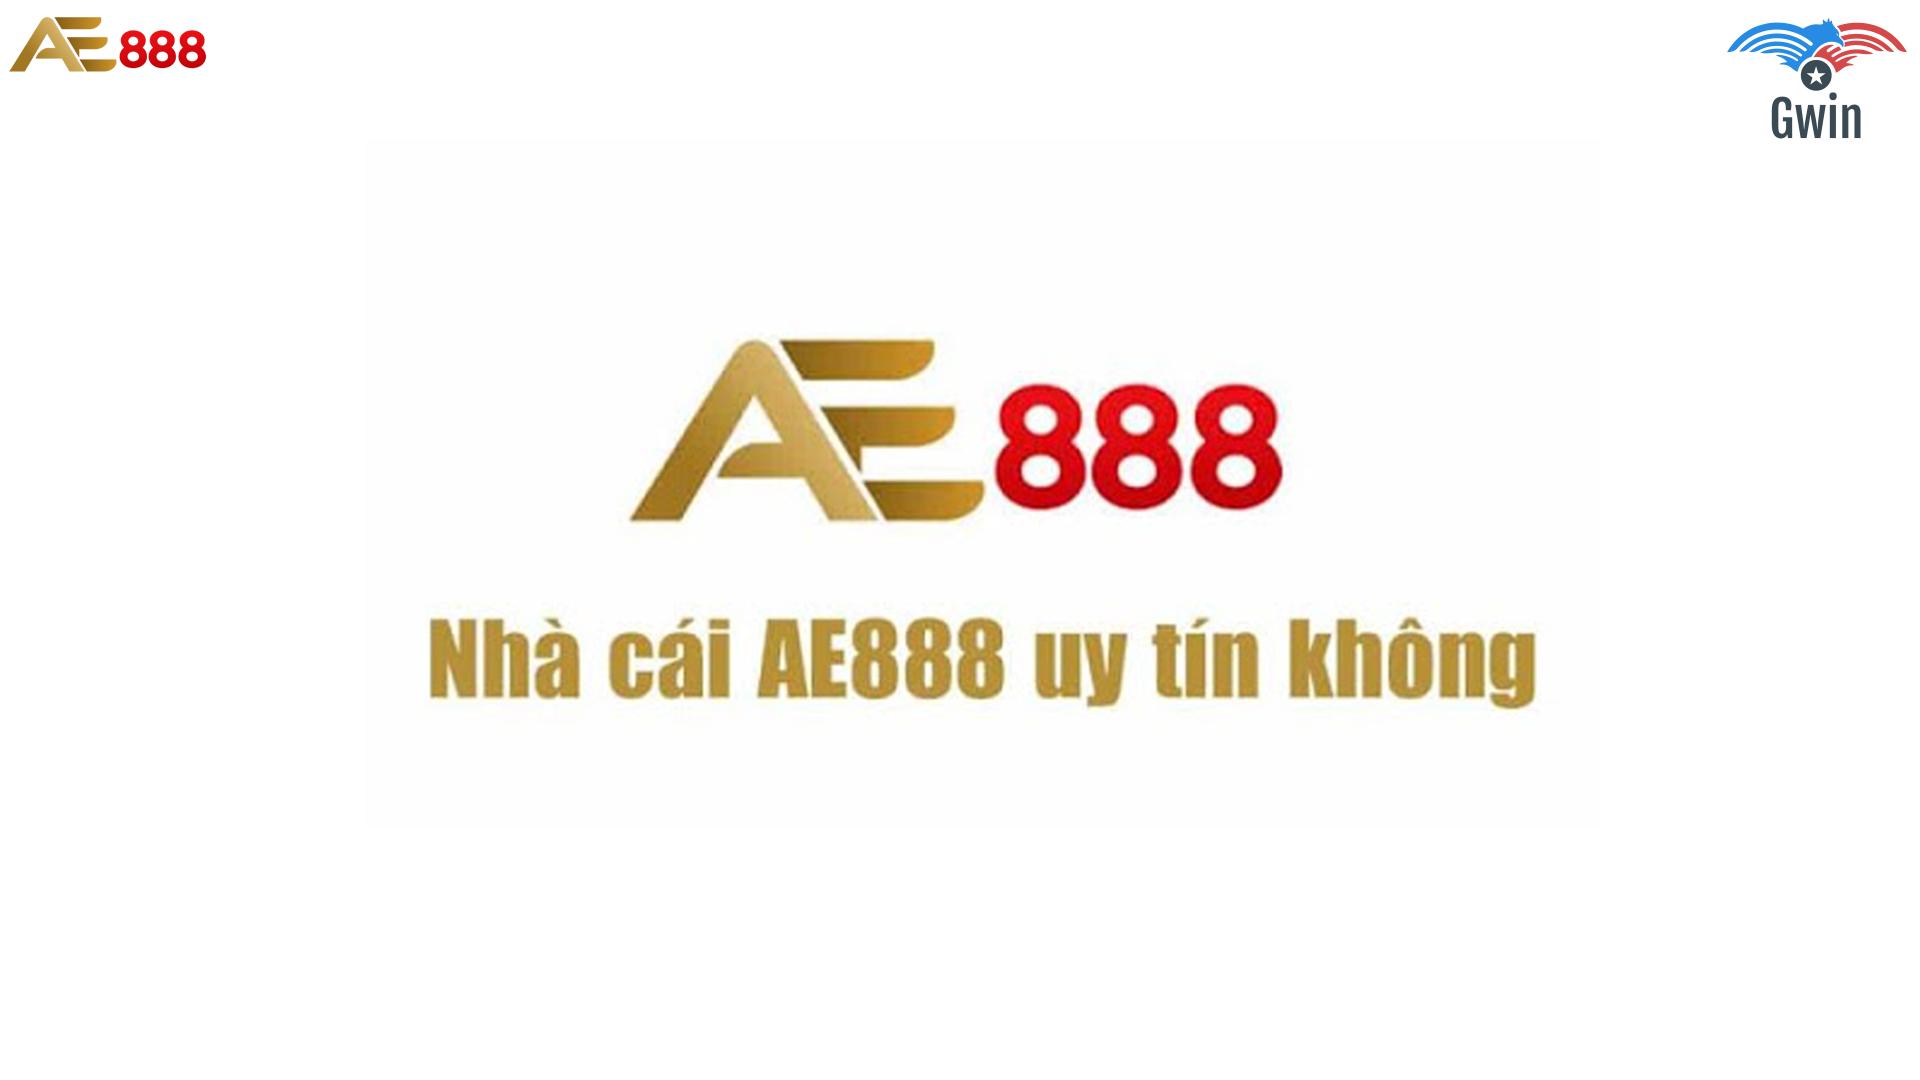 AE888 có đáng tin cậy không?